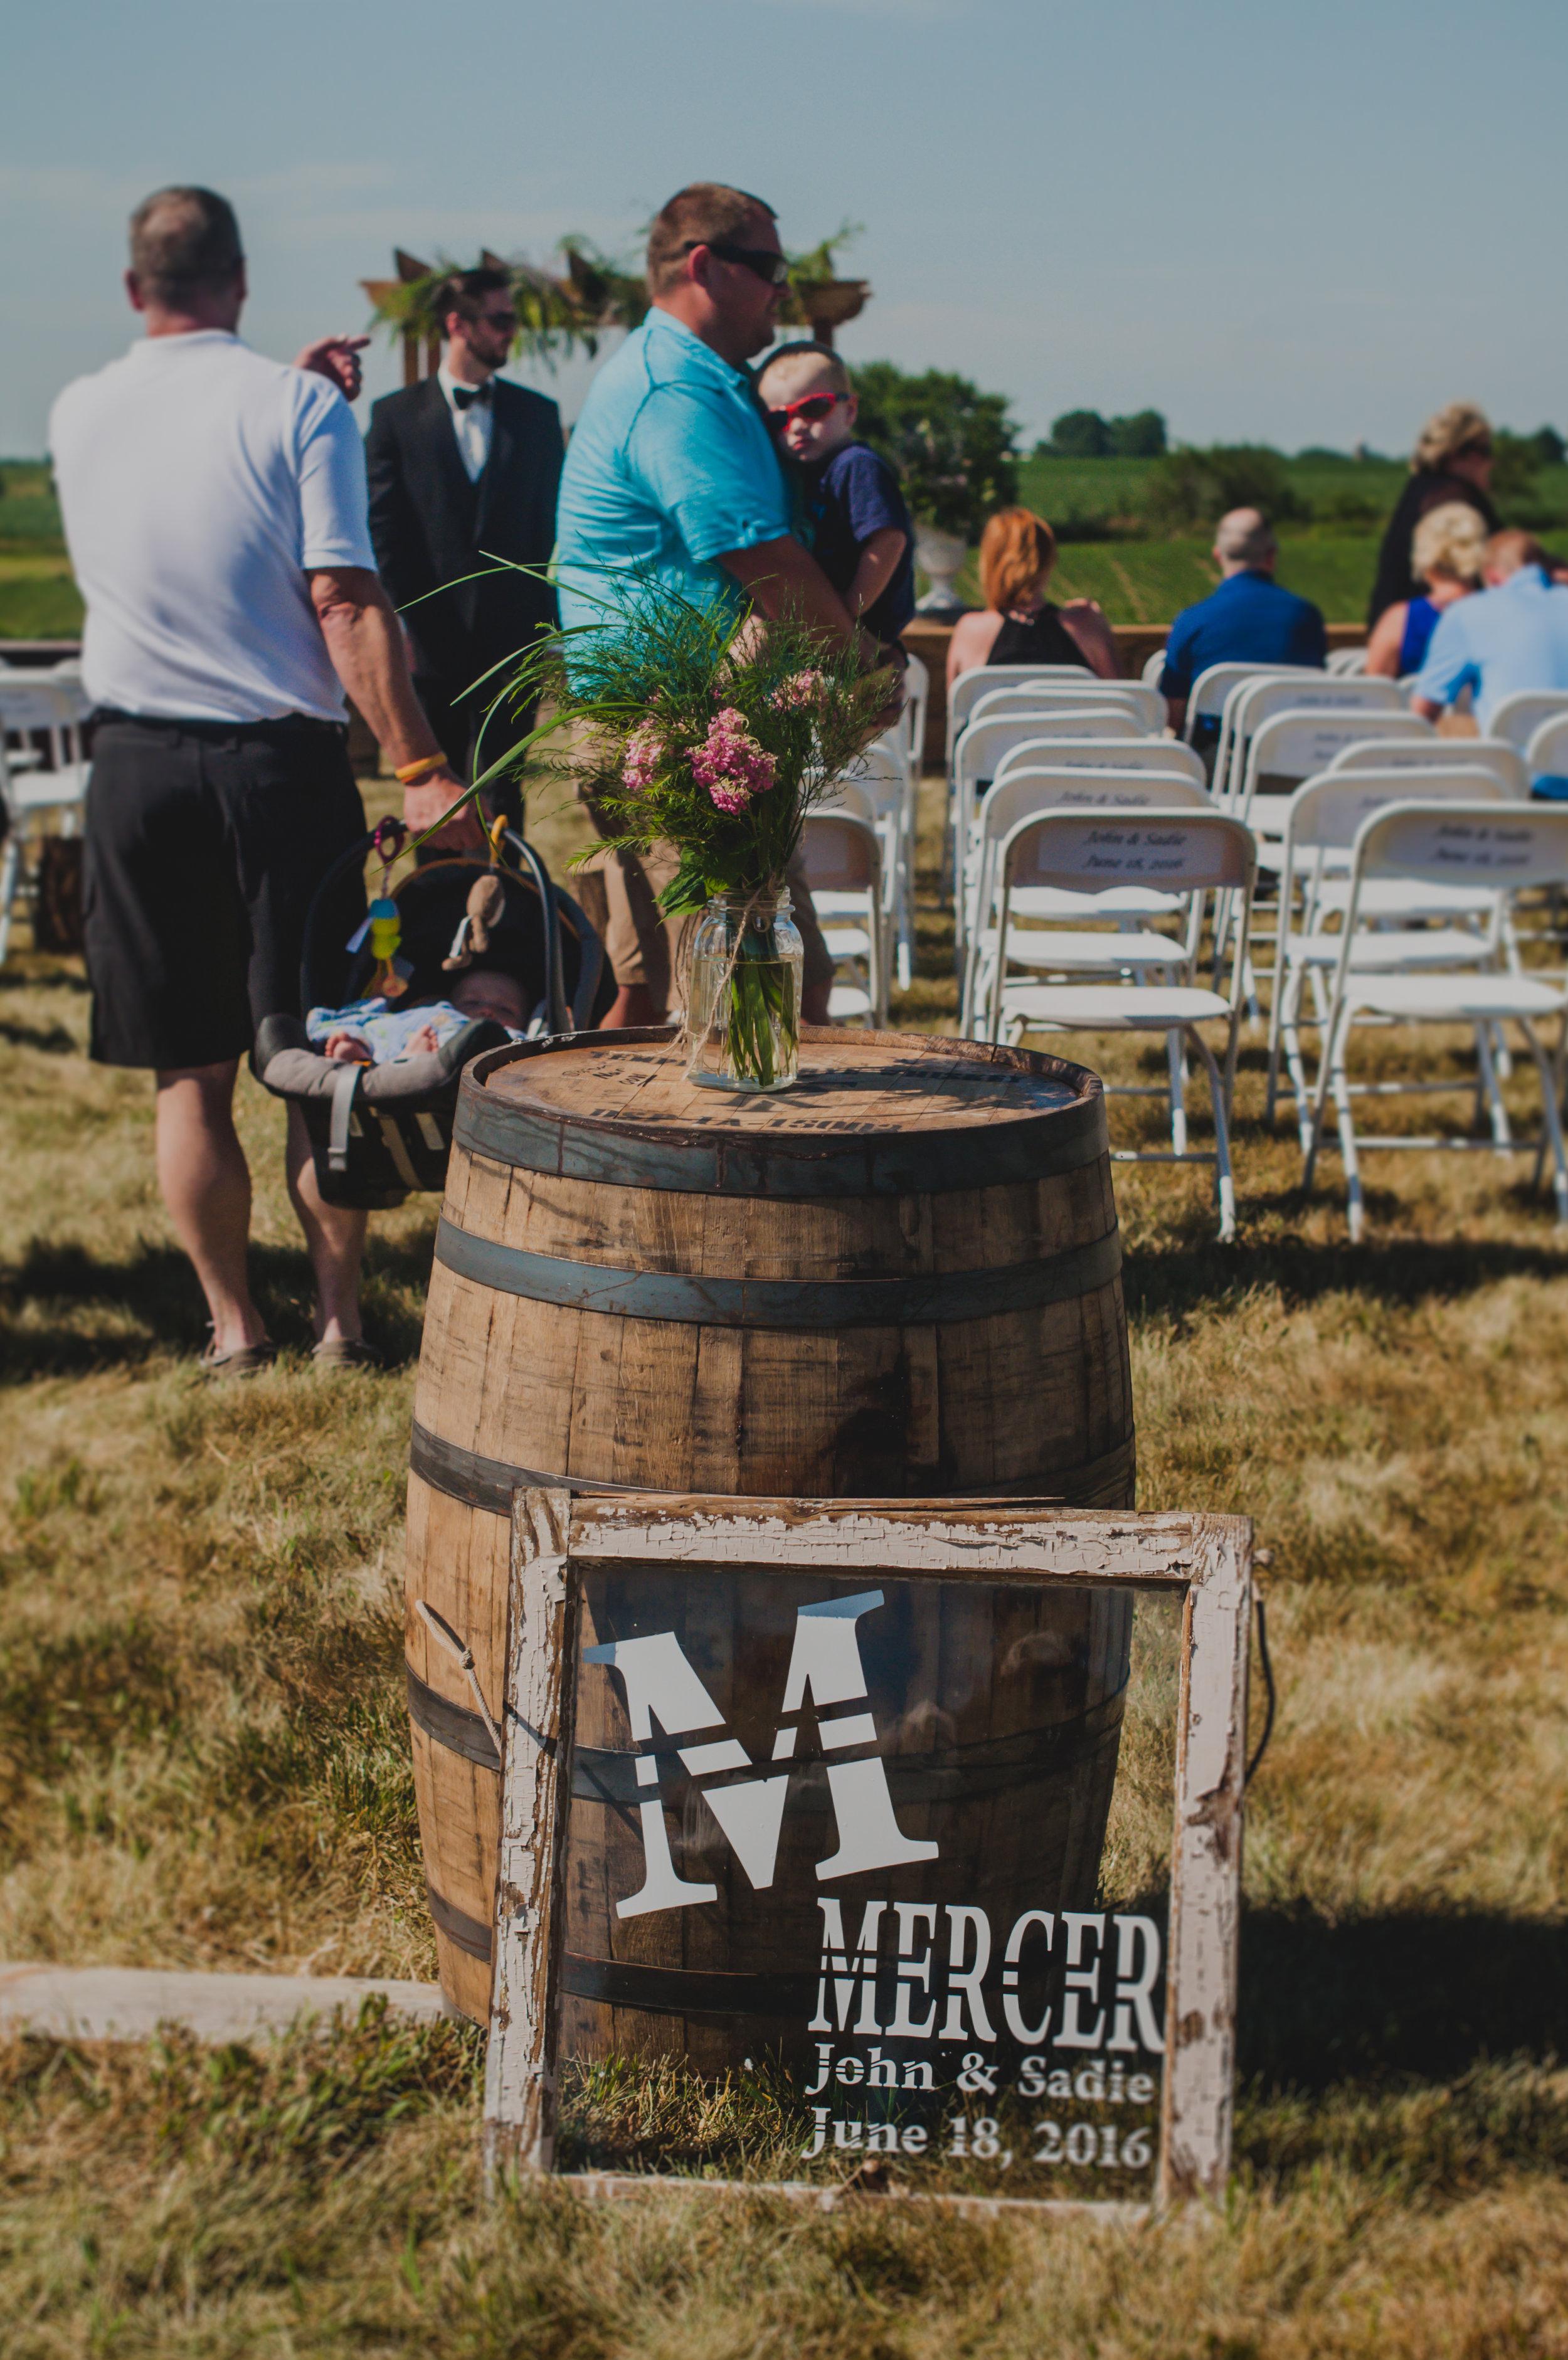 Mercer Ceremony-9.jpg